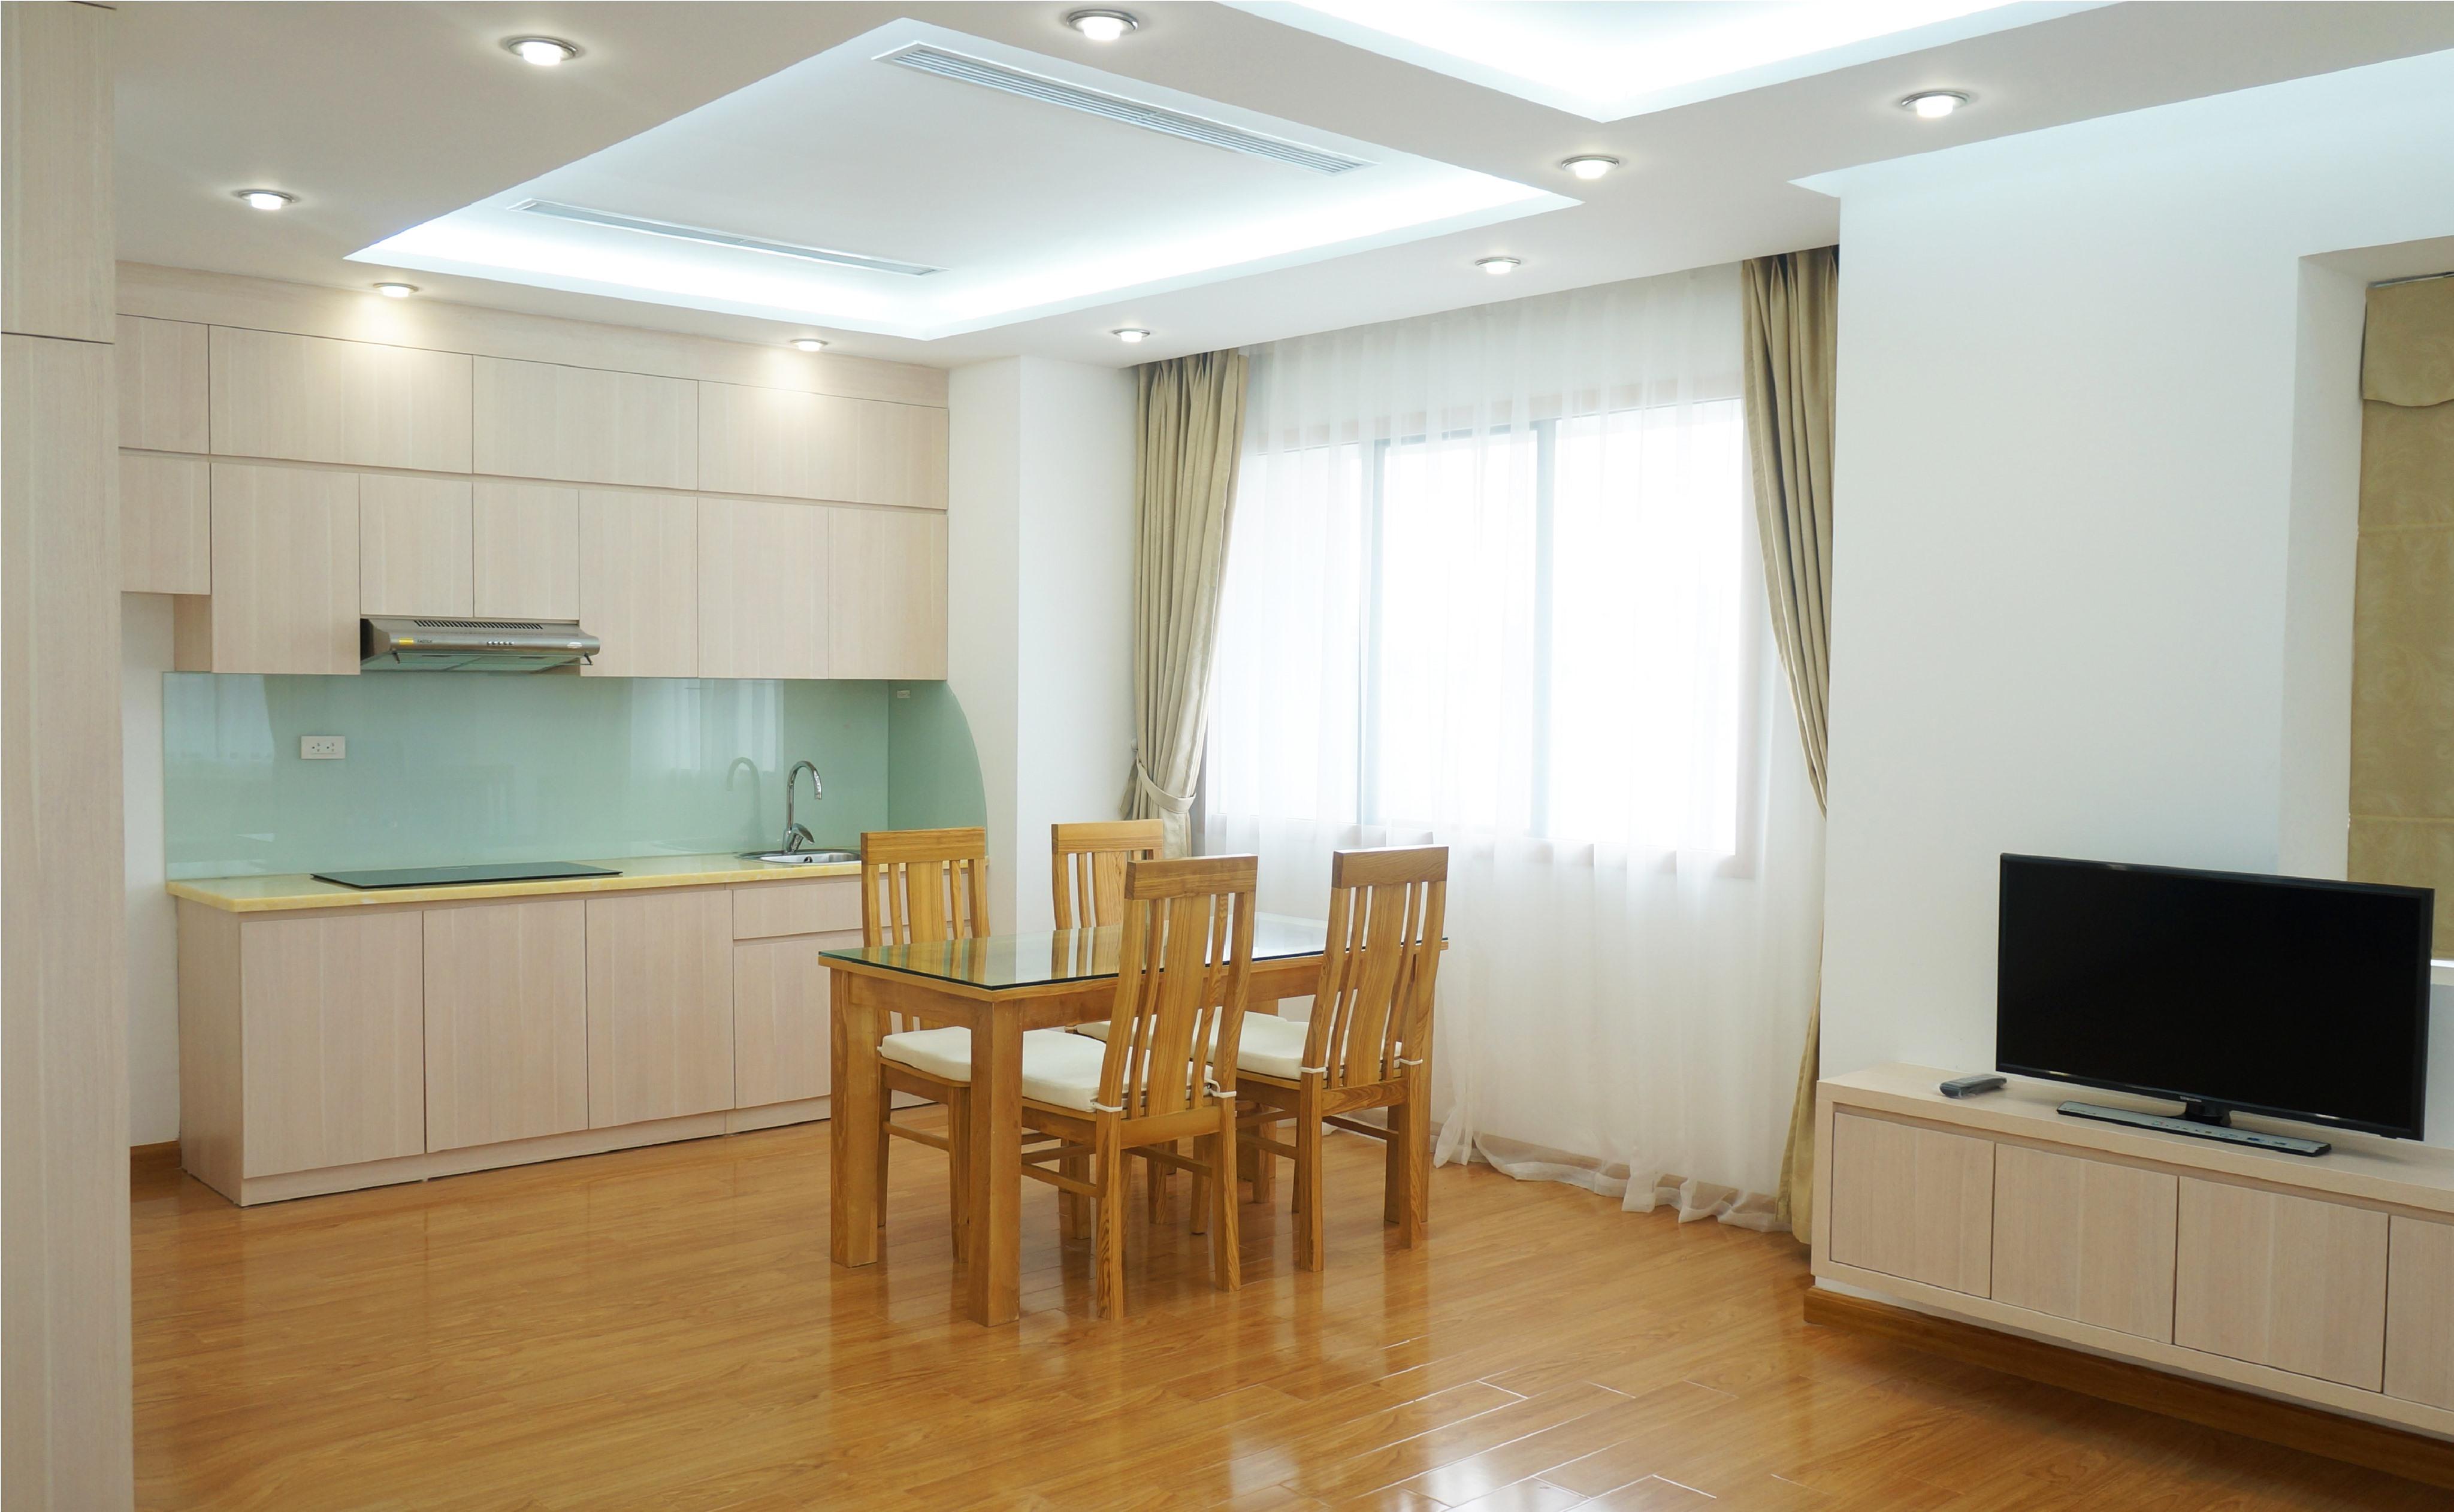 Khu bếp cho căn hộ Studio 50m2